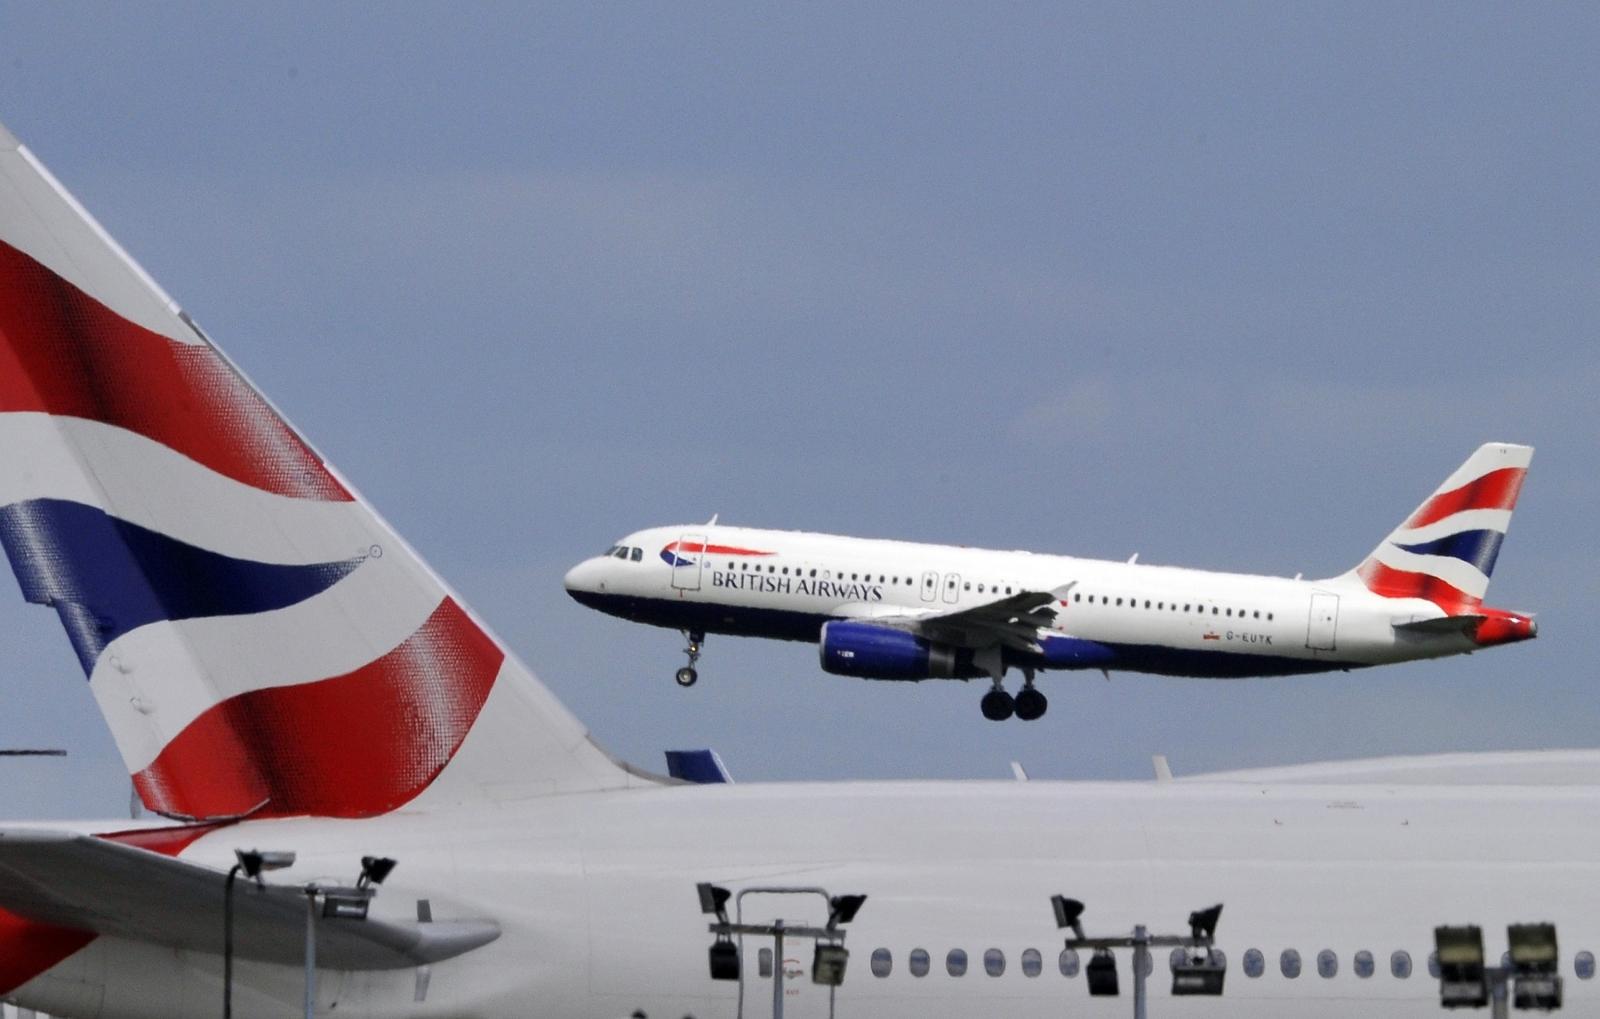 British Airways airliner